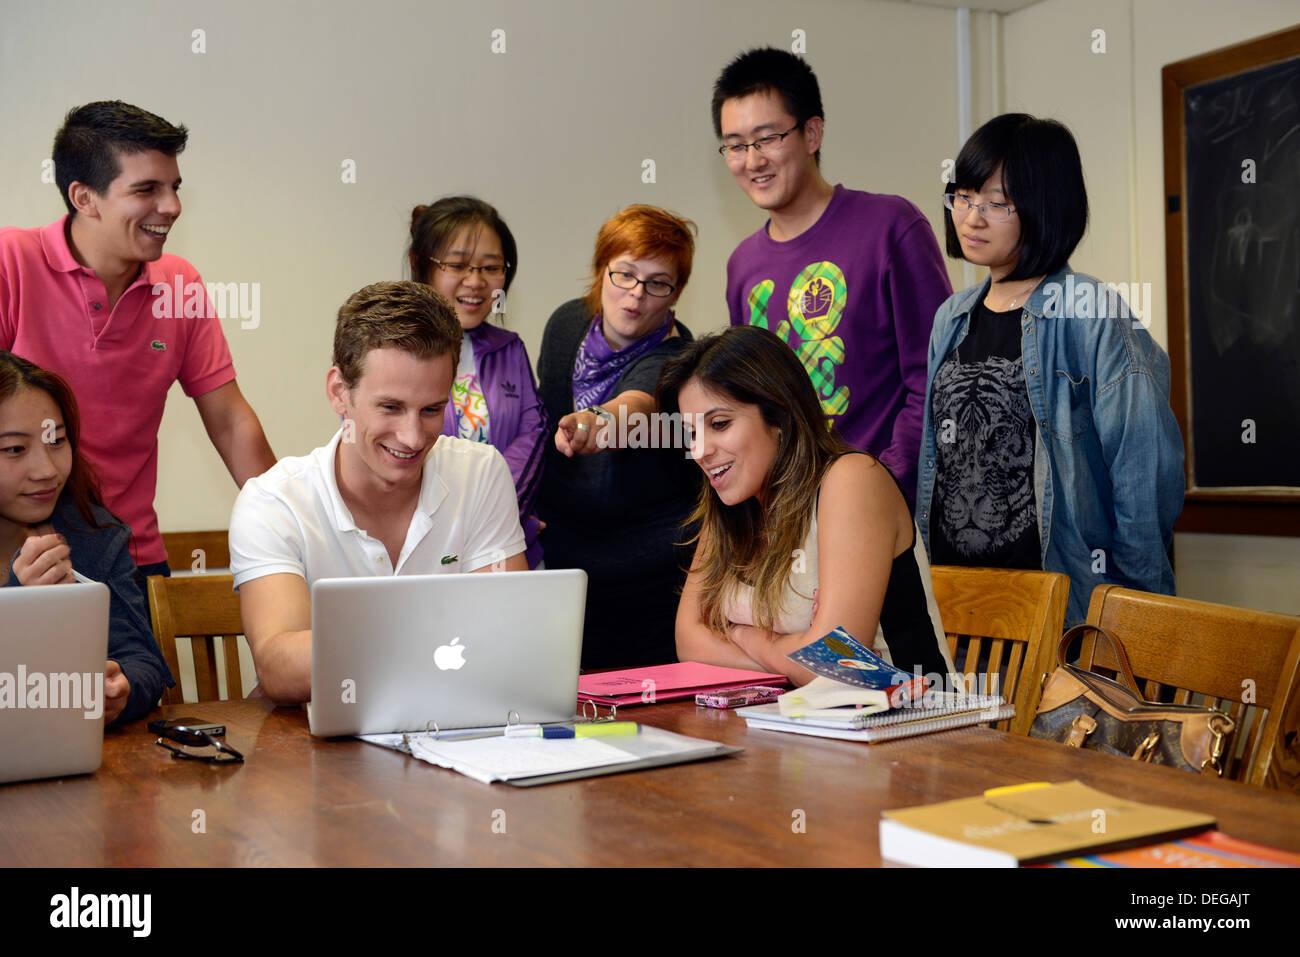 Ausländische Studierende Viedeo in ihrer Klasse Idiom in English Language Institute in Yale Summer School Stockbild